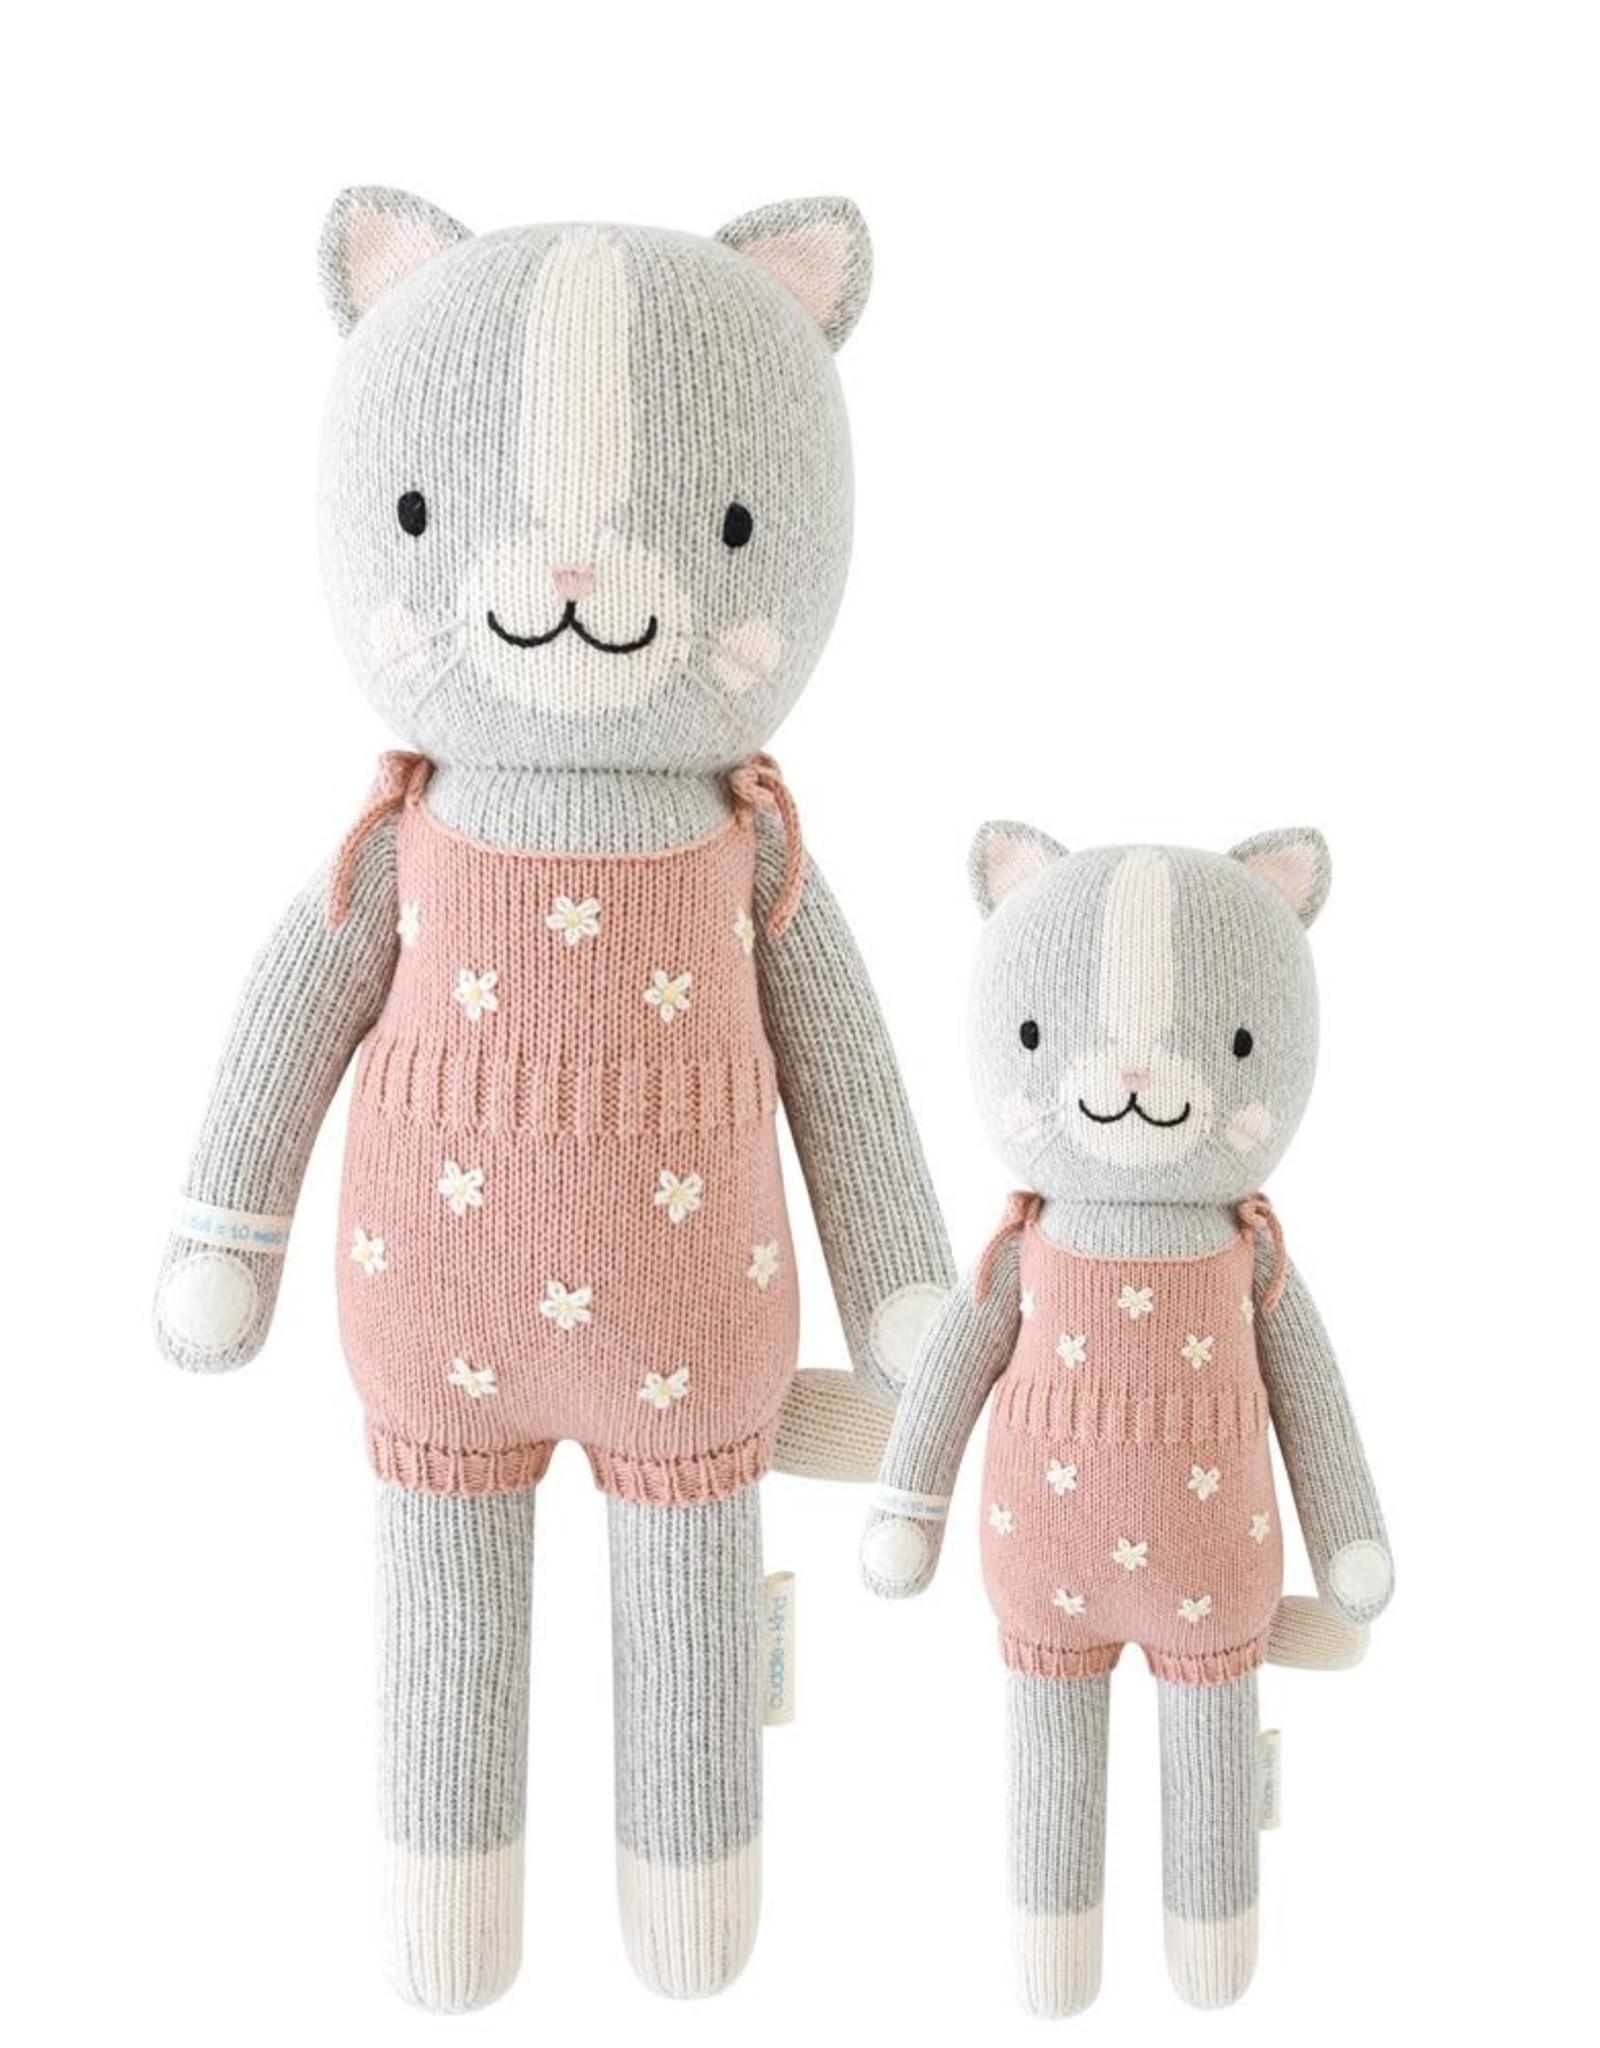 Cuddle+Kind daisy the kitten- little